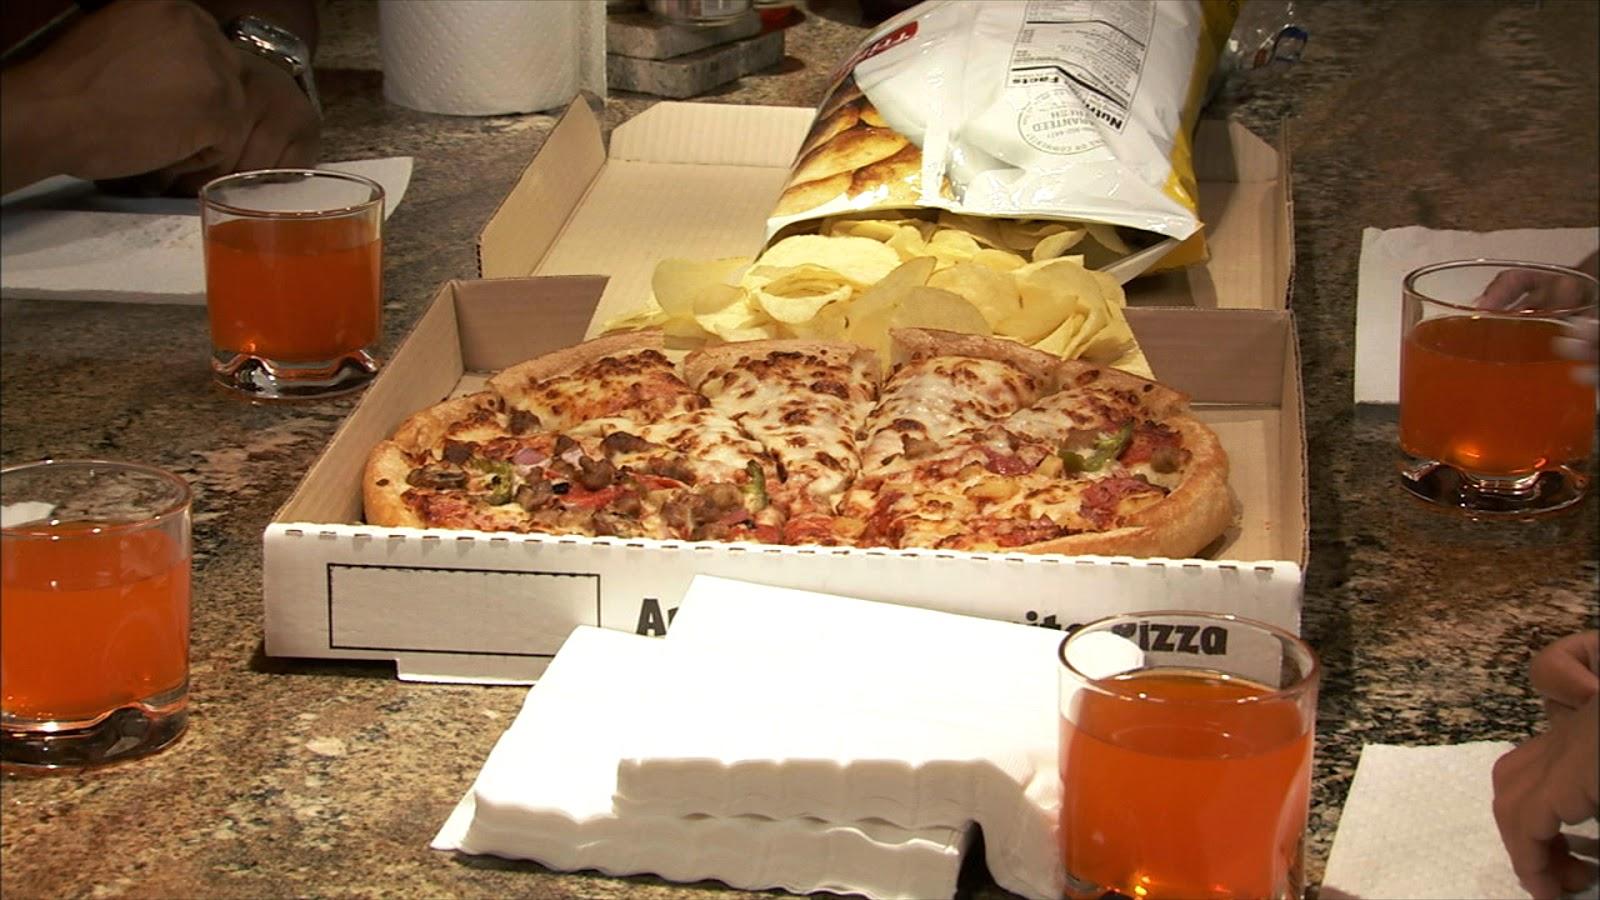 طريقة عمل البيتزا بالفيديو